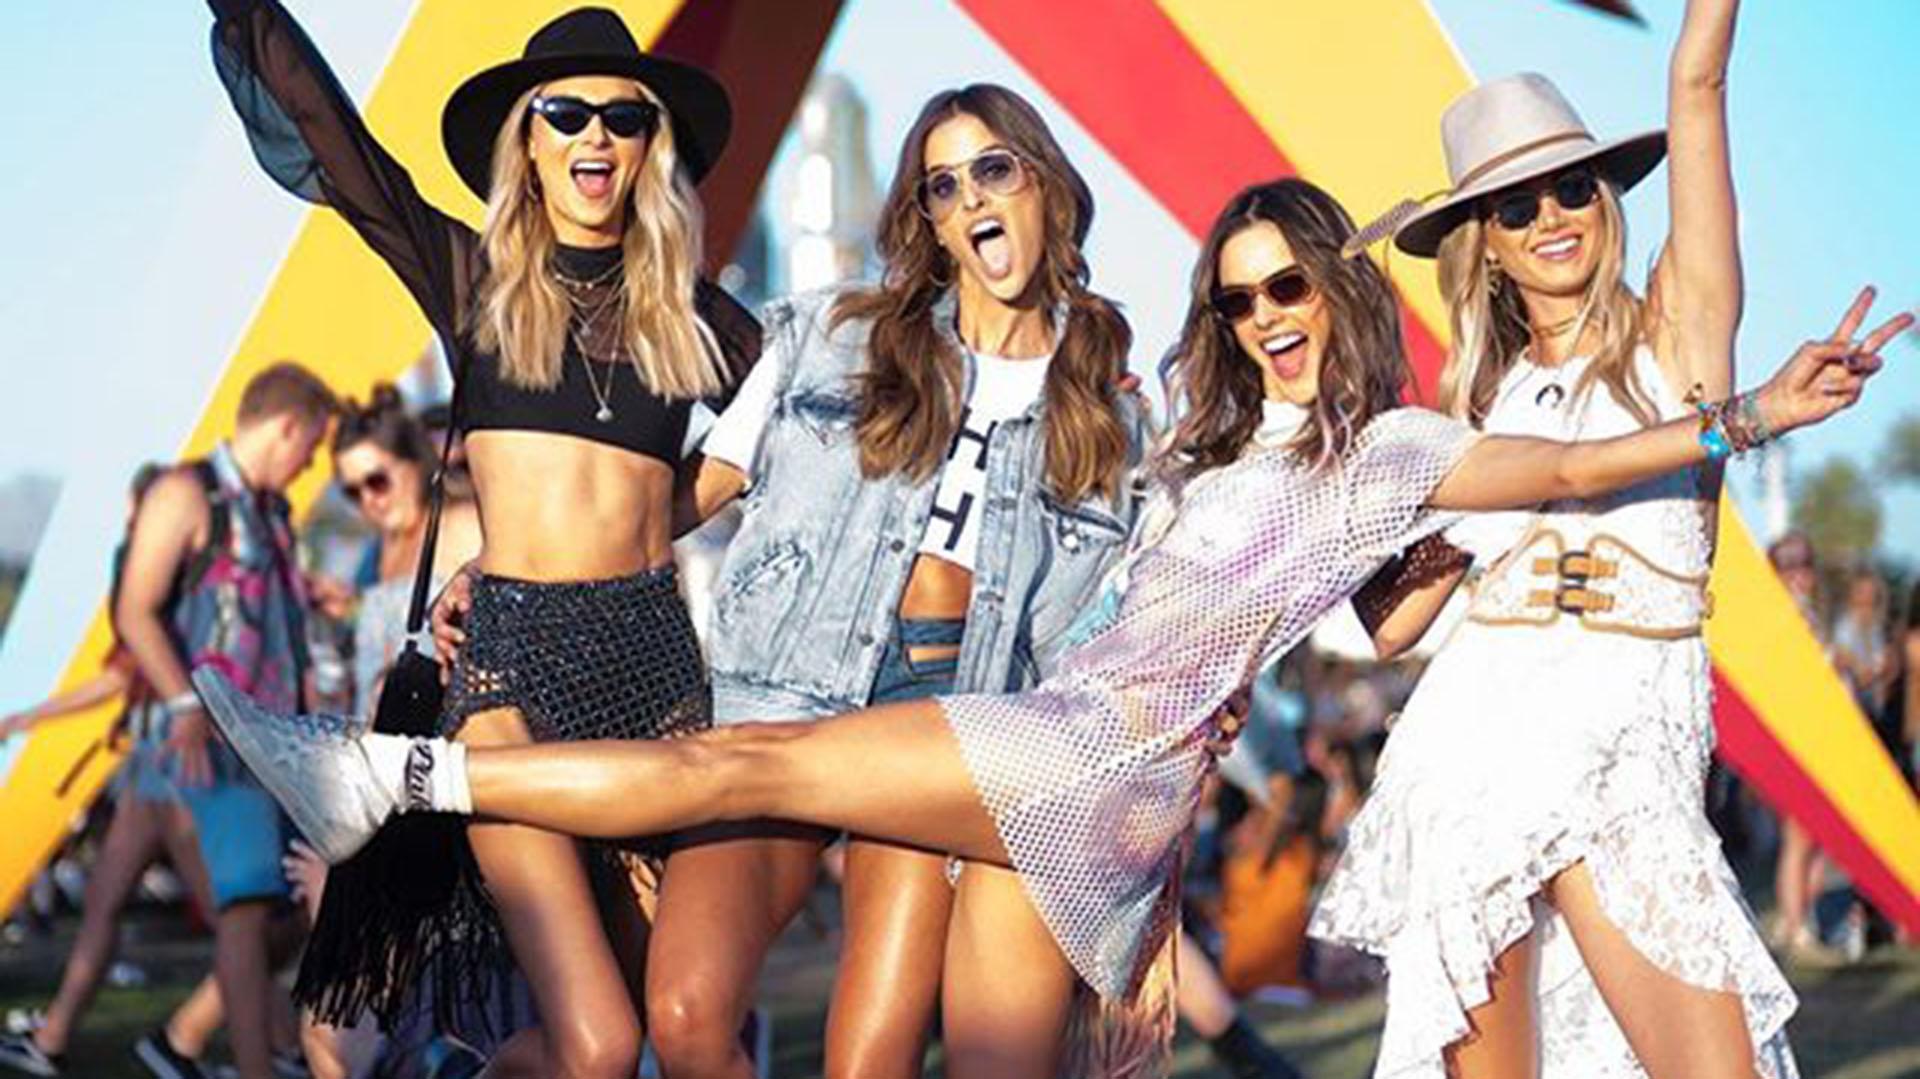 El squad fashionista integrado por los ángeles de Victoria's Secret, zapatillas, sombreros y transparencias el must